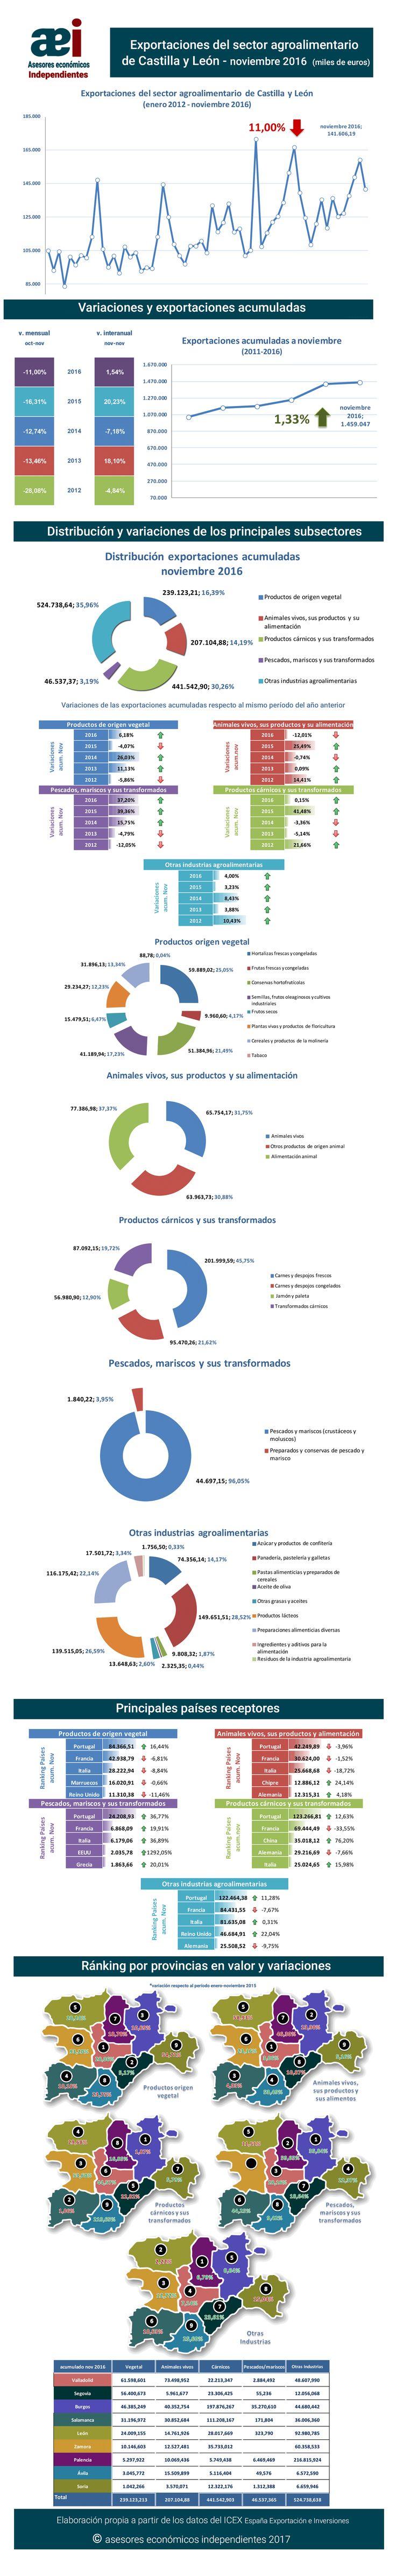 infografía de exportaciones del sector agroalimentario de Castilla y León en el mes de noviembre 2016 realizada por Javier Méndez Lirón para asesores económicos independientes